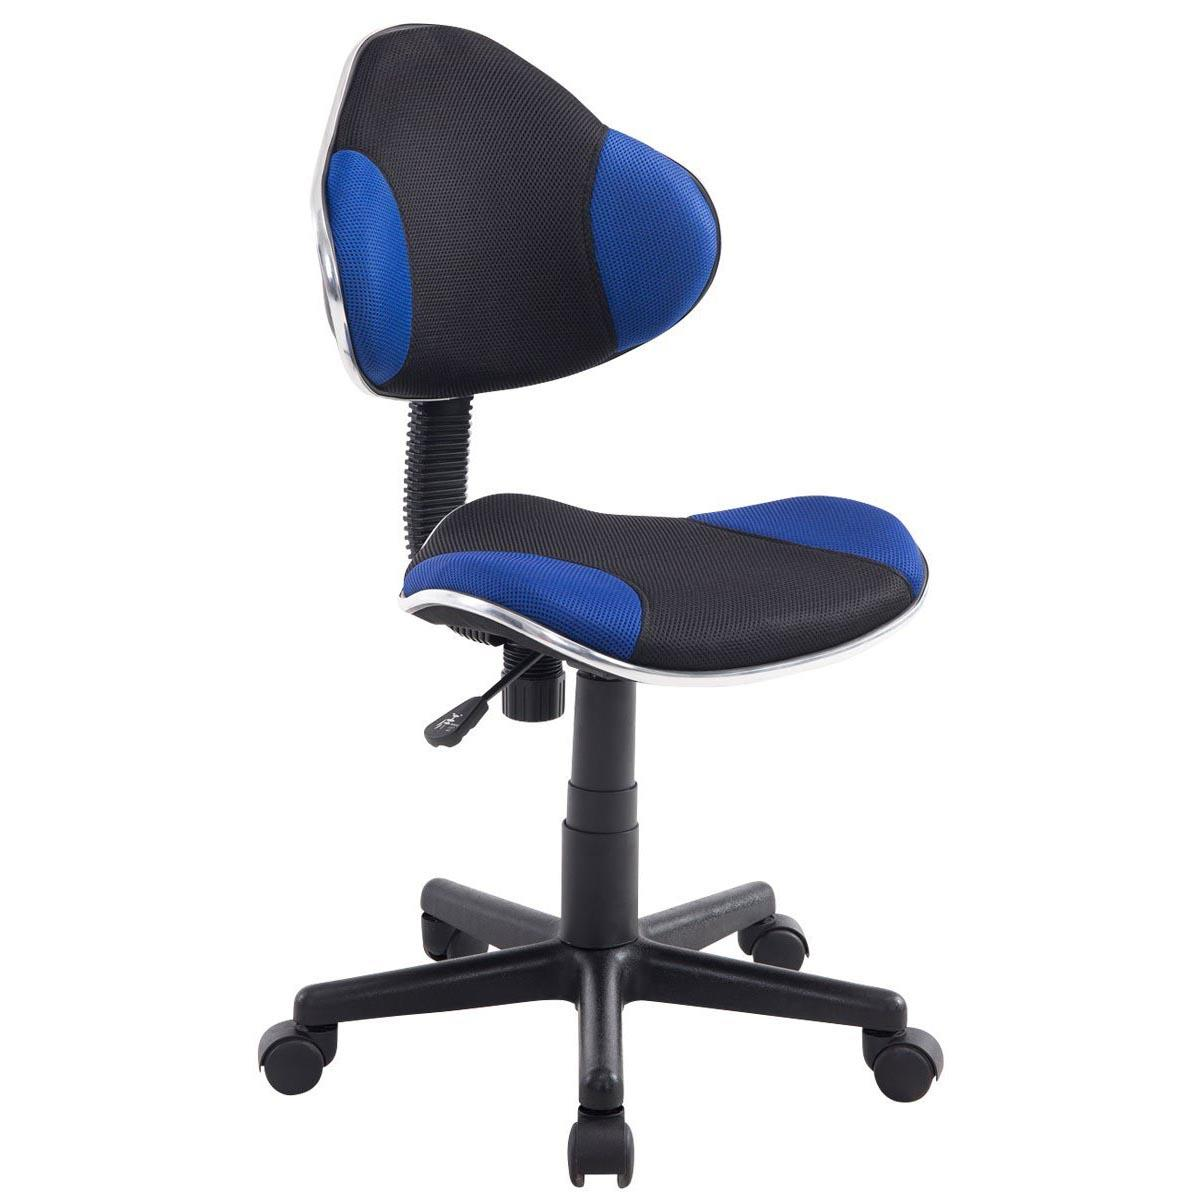 Silla escritorio juvenil baster en malla transpirable for Sillas escritorio juvenil